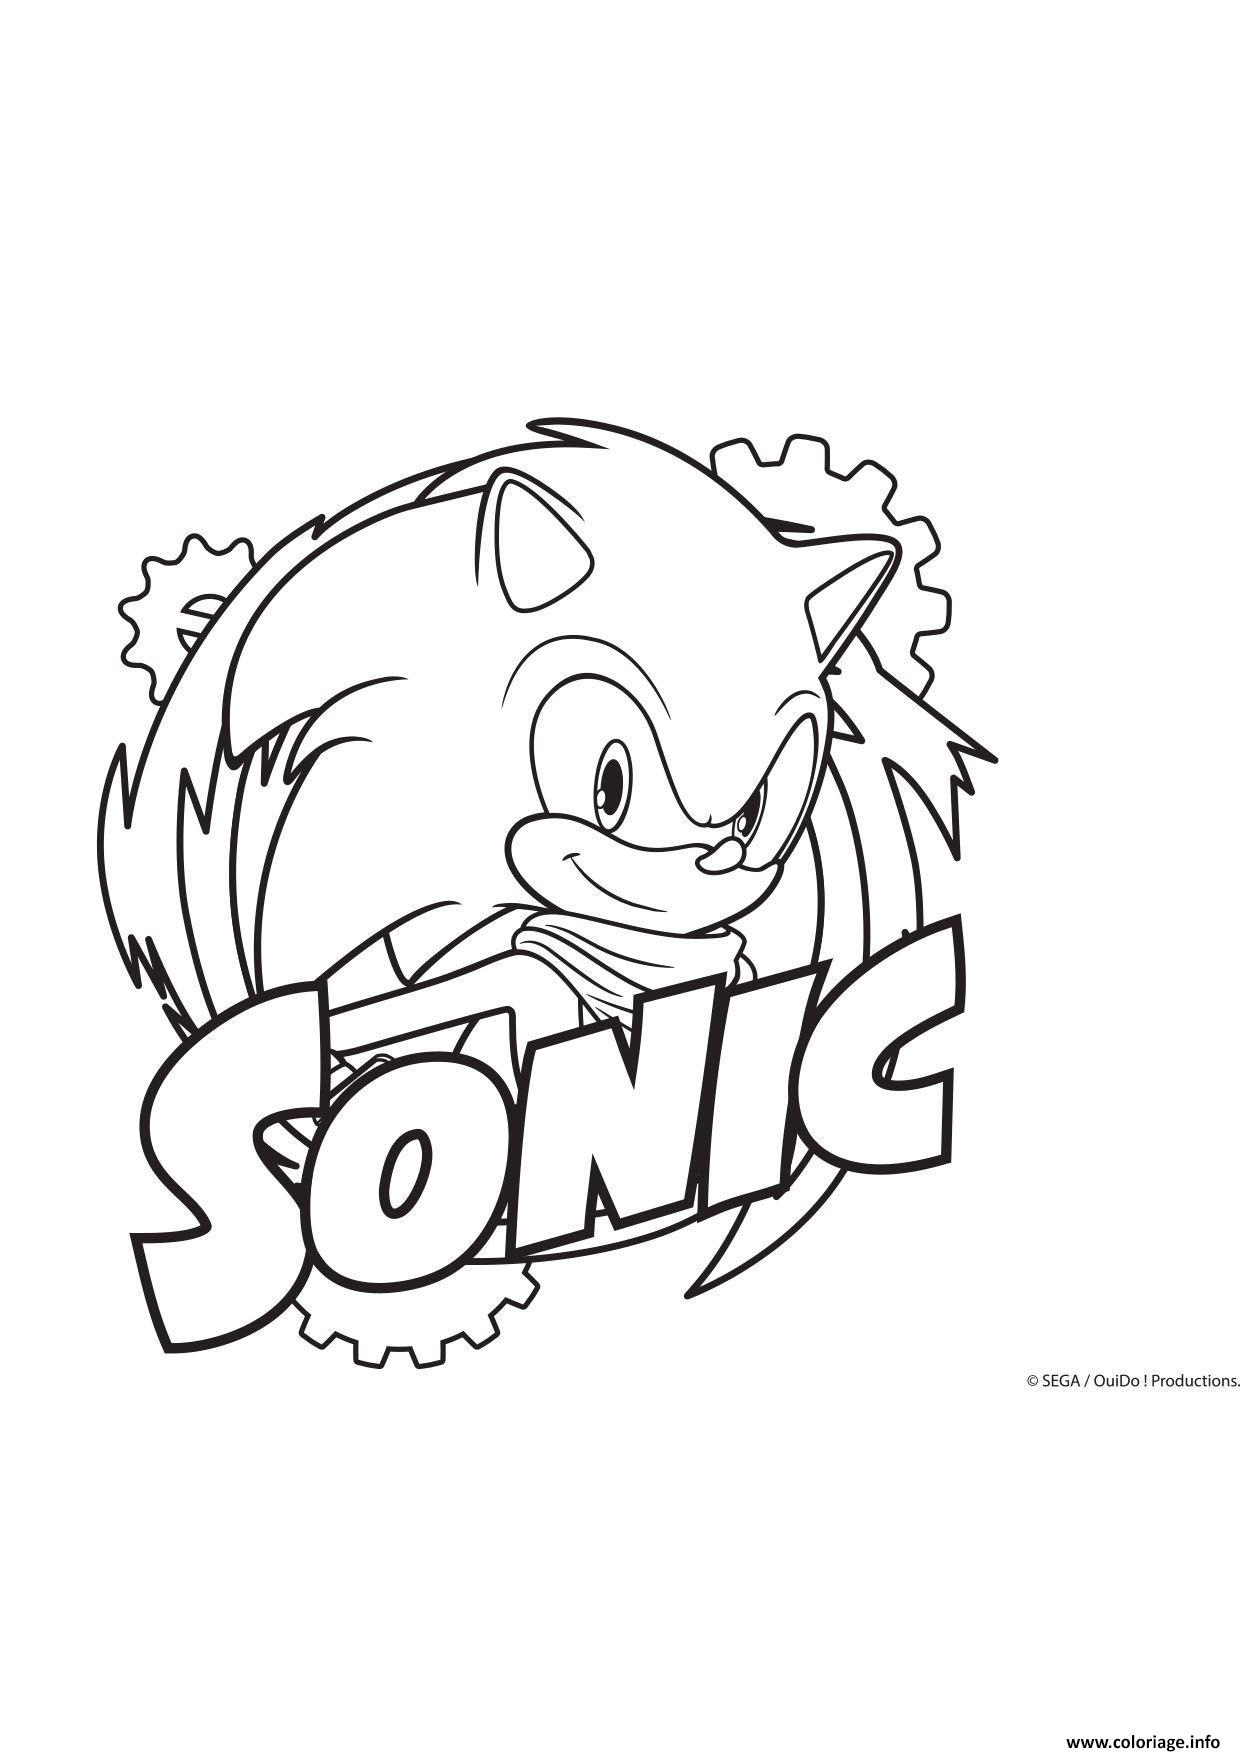 Coloriage Sonic Fun Dessin Gulli à imprimer